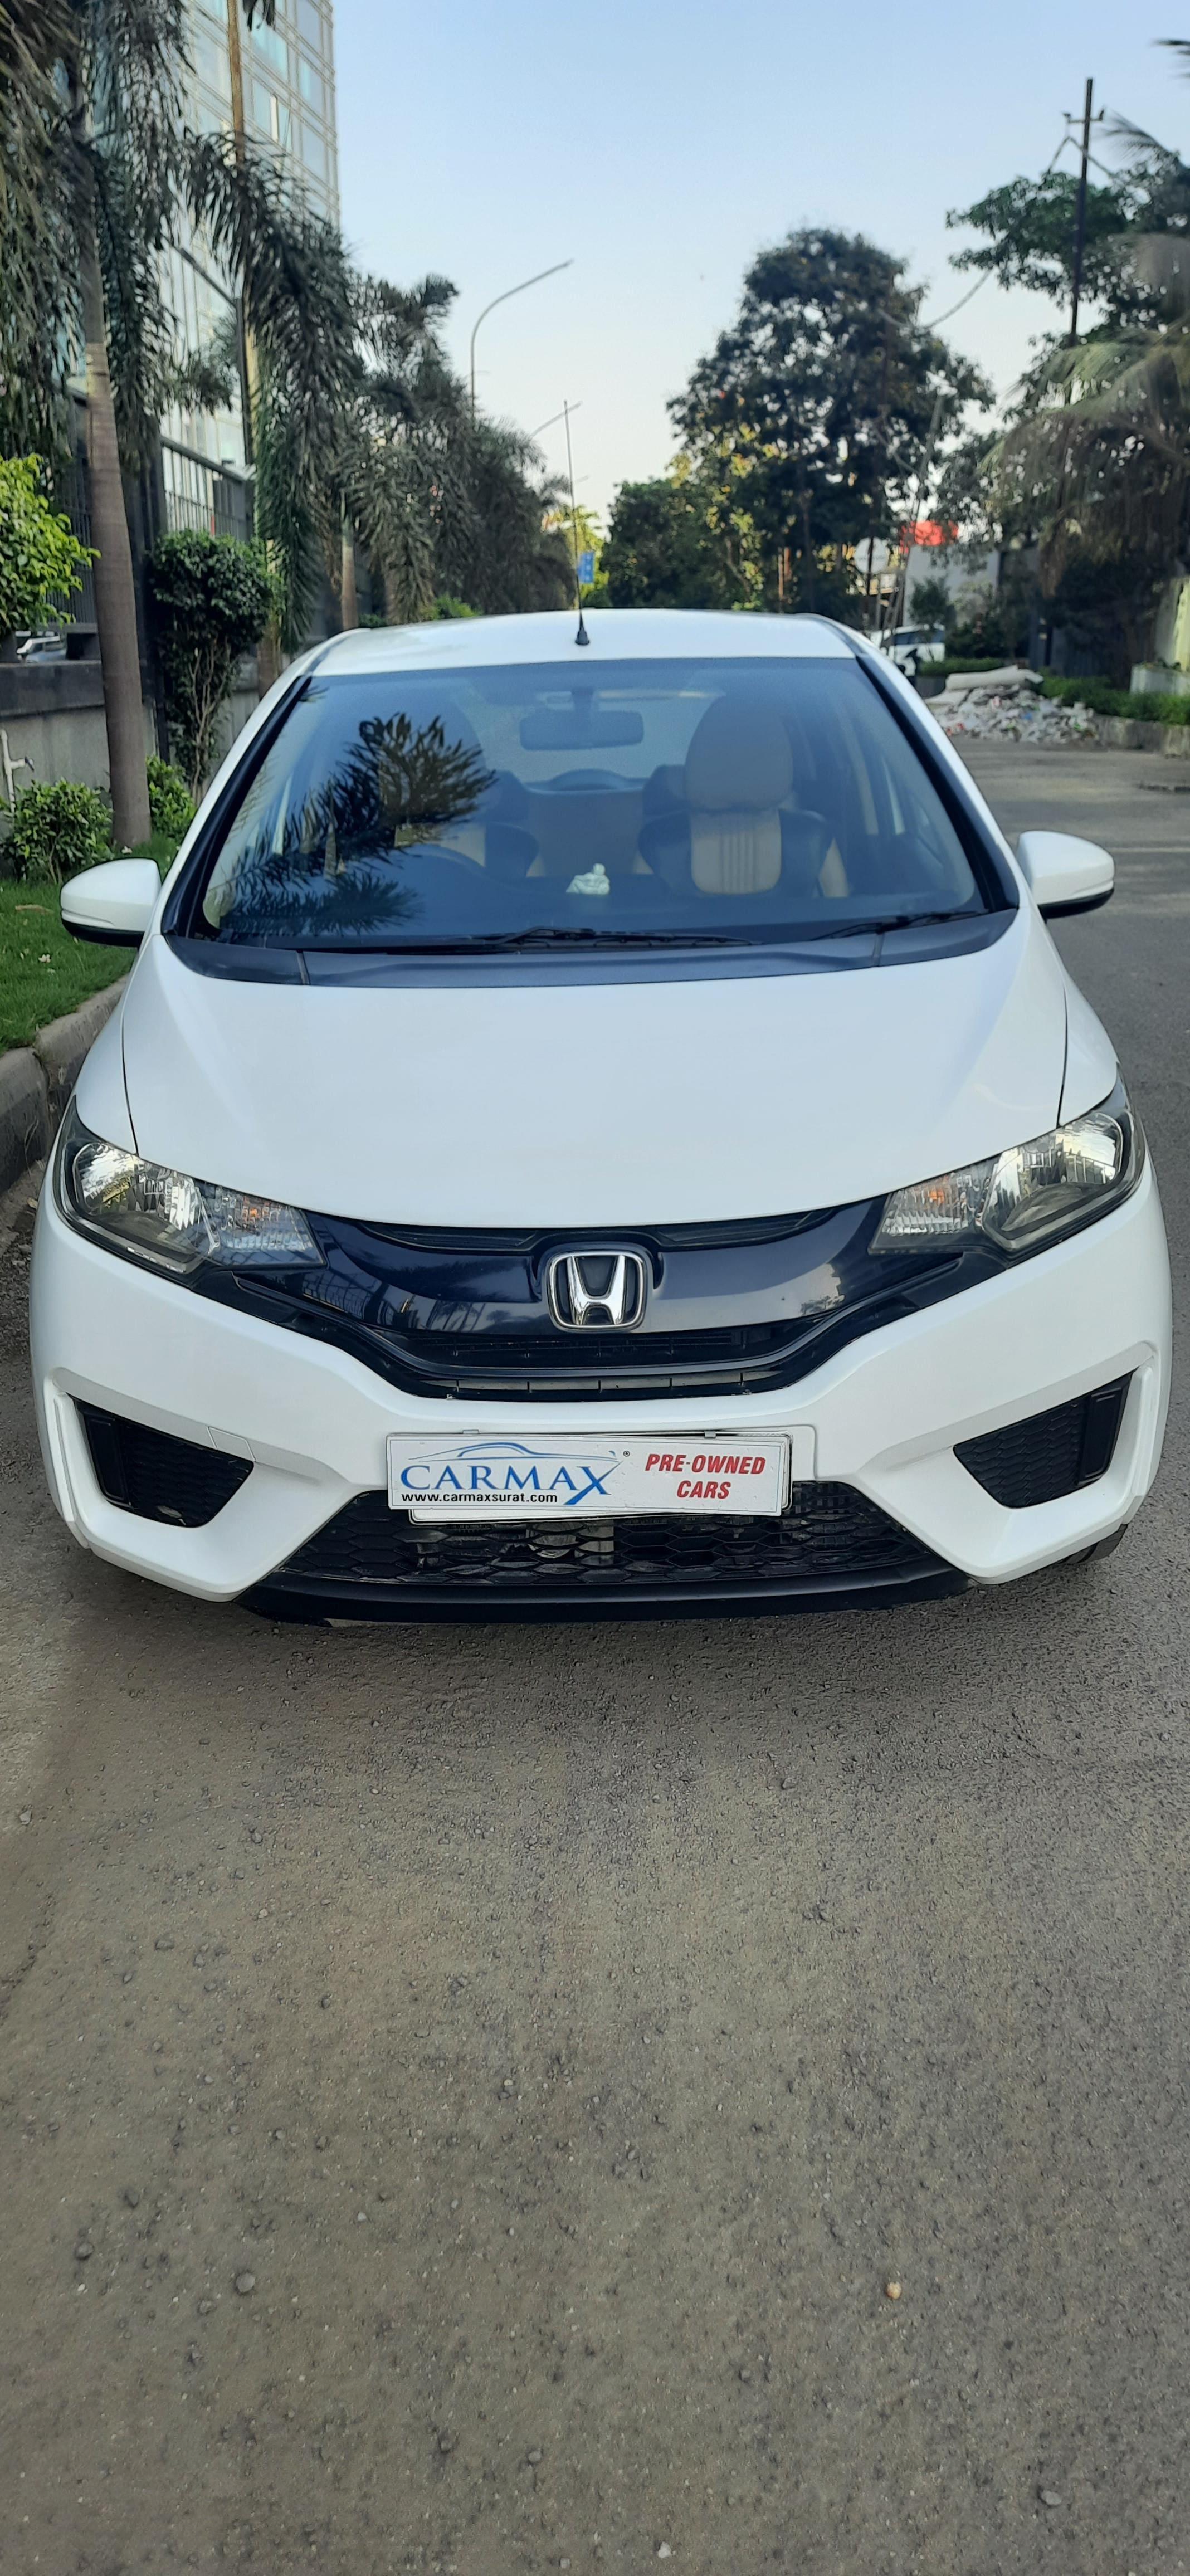 Honda Jazz 2018-2020 1.5 E i DTEC